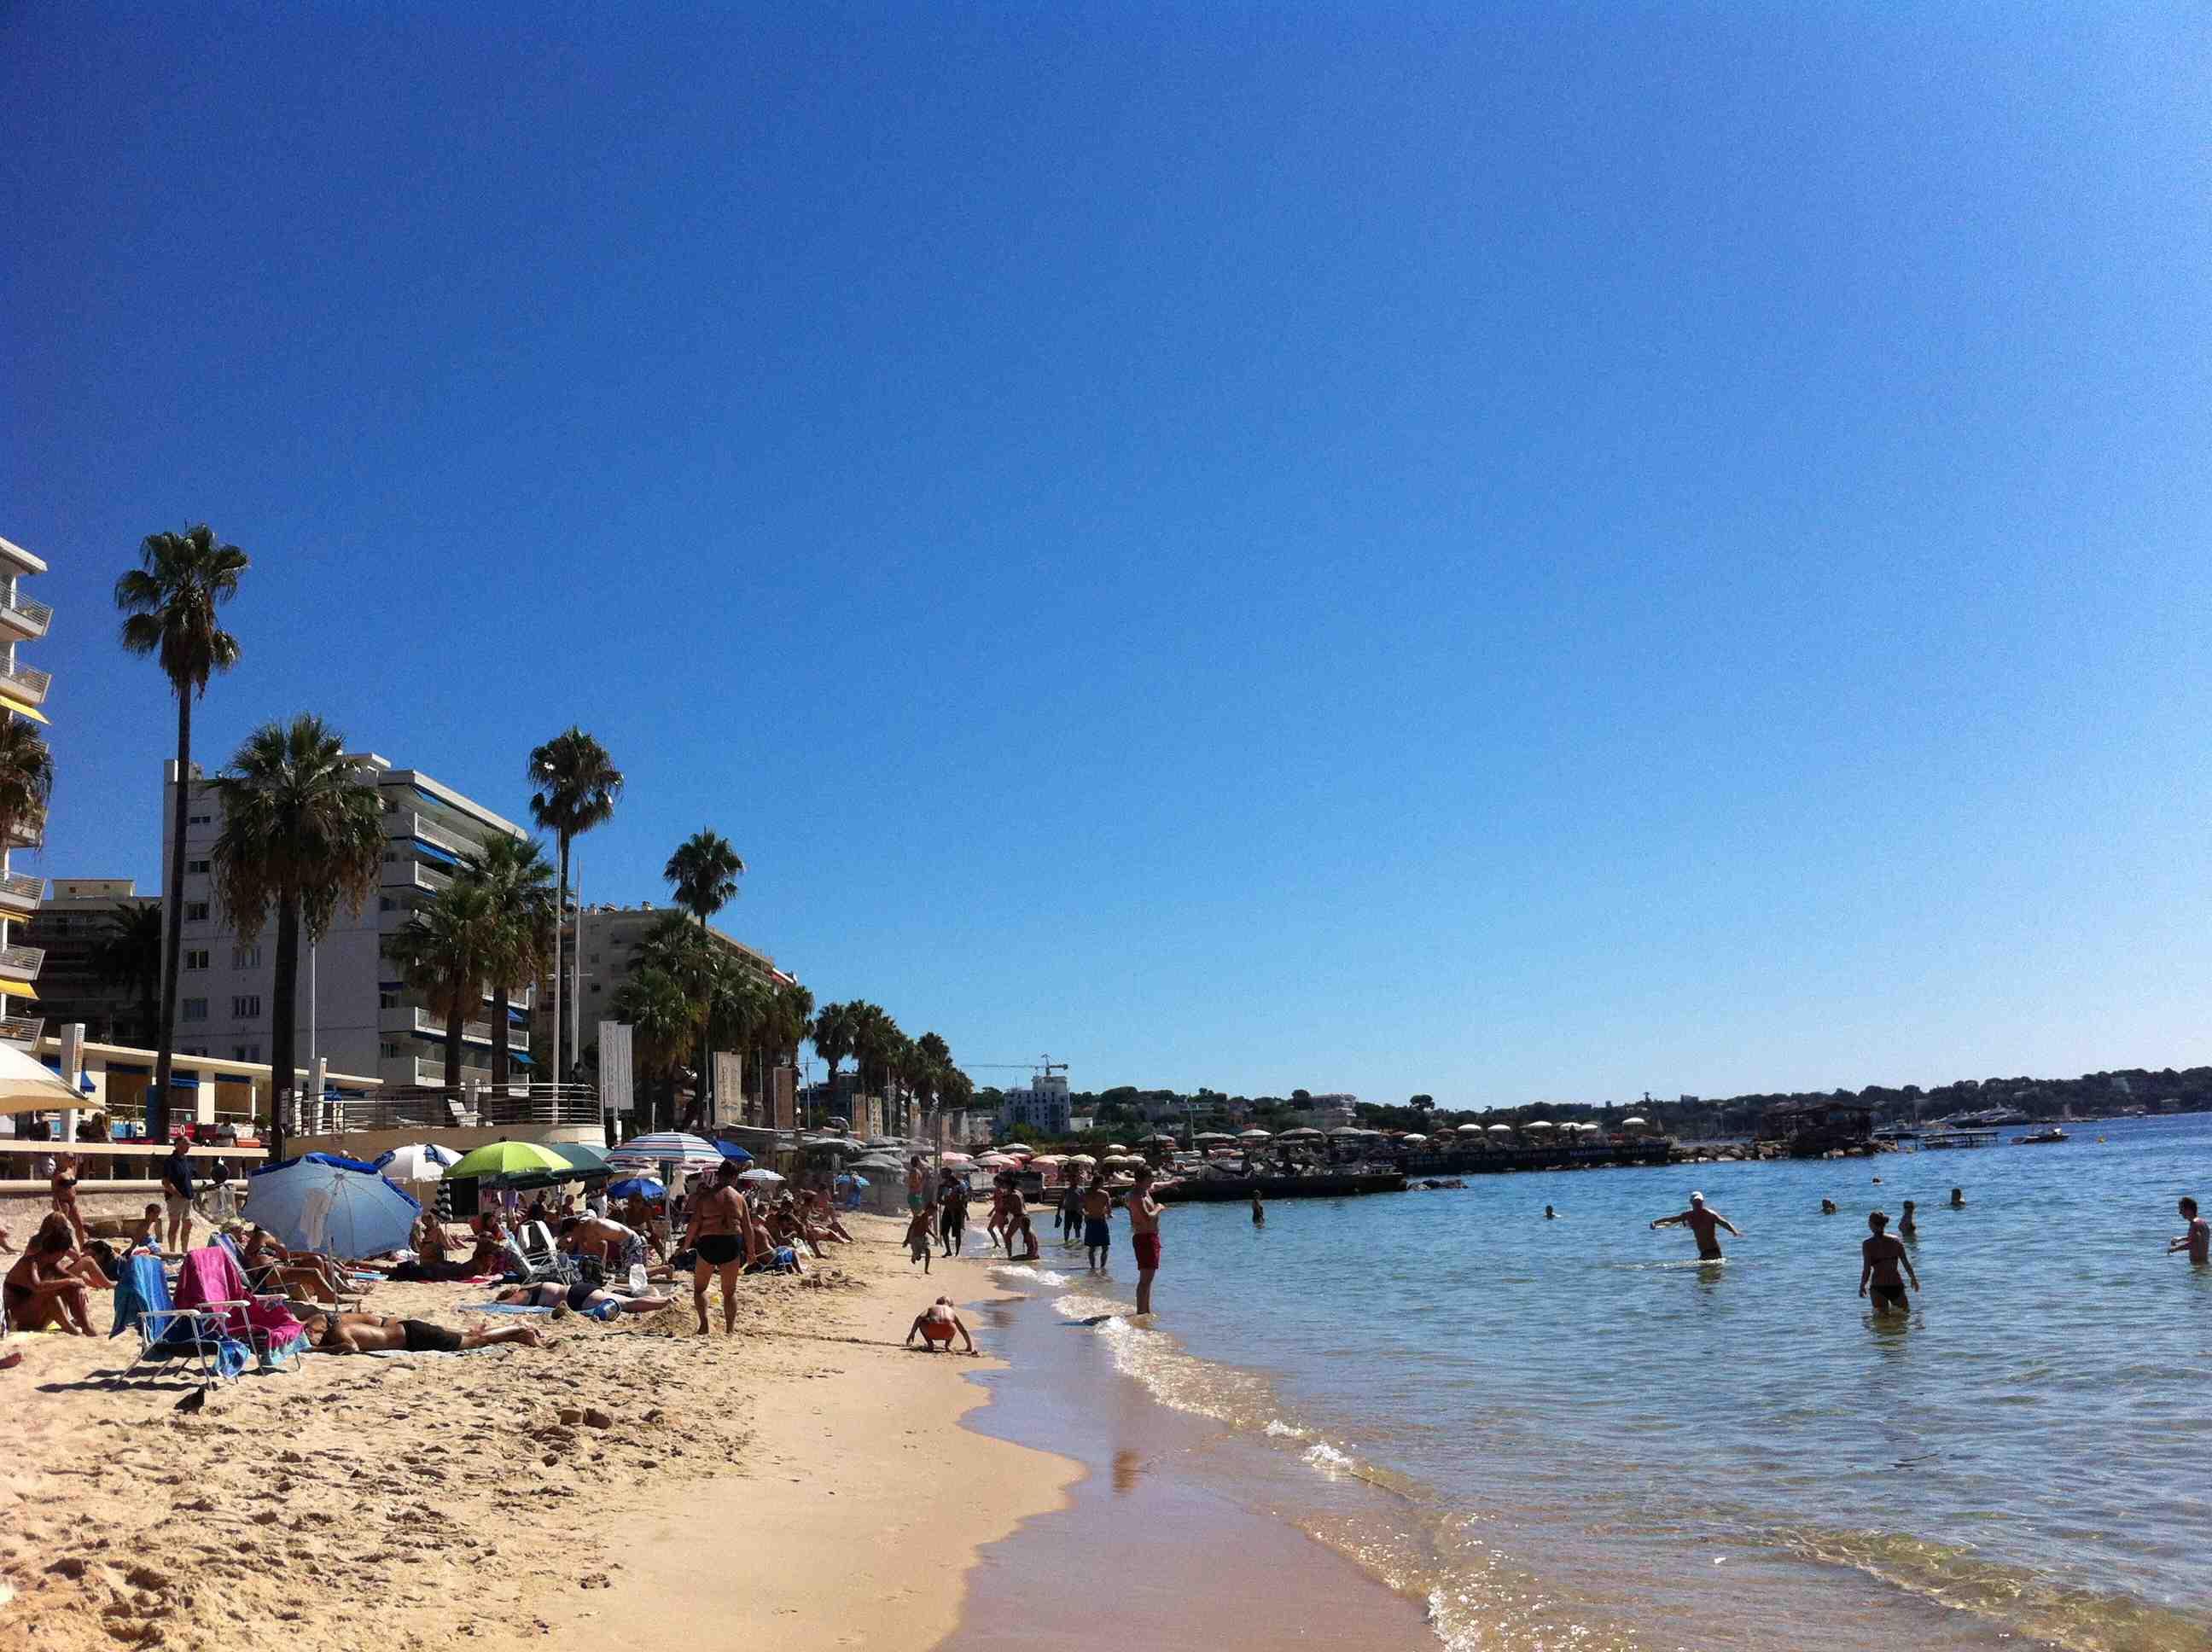 Bonjour de Cote d'Azur, France | travellou